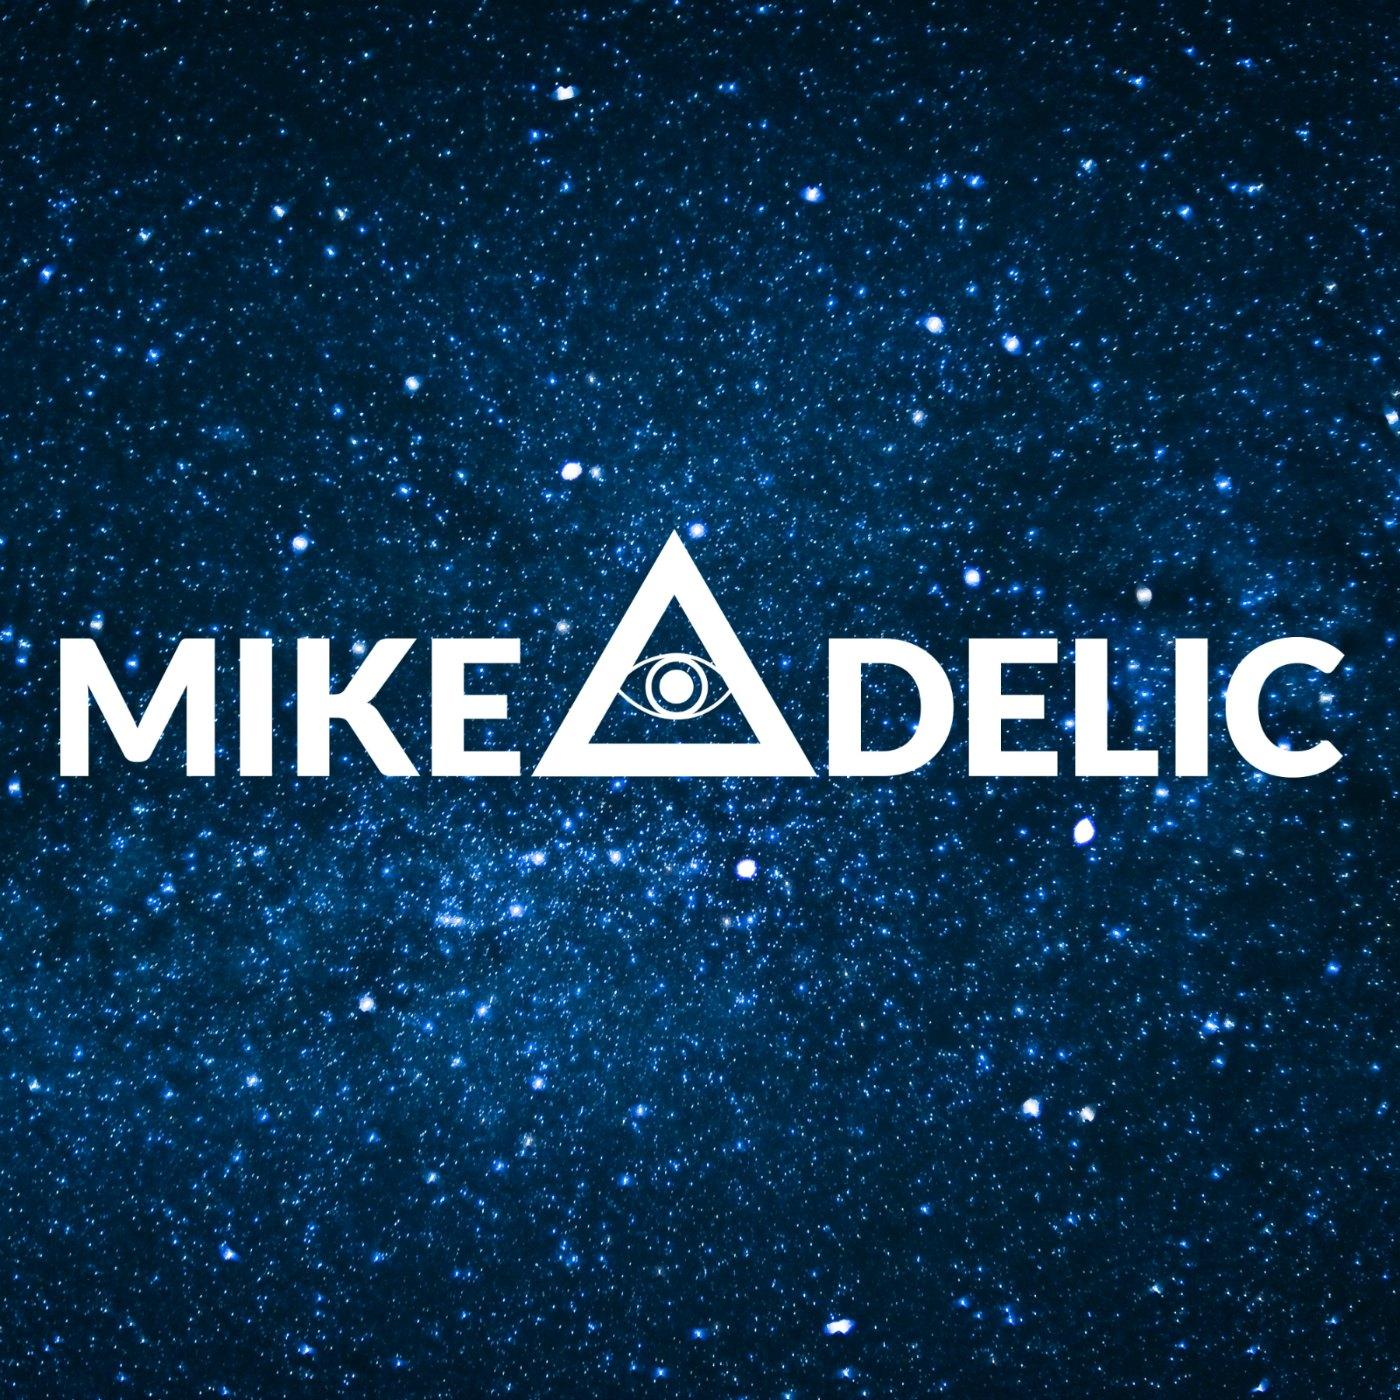 Mikeadelic